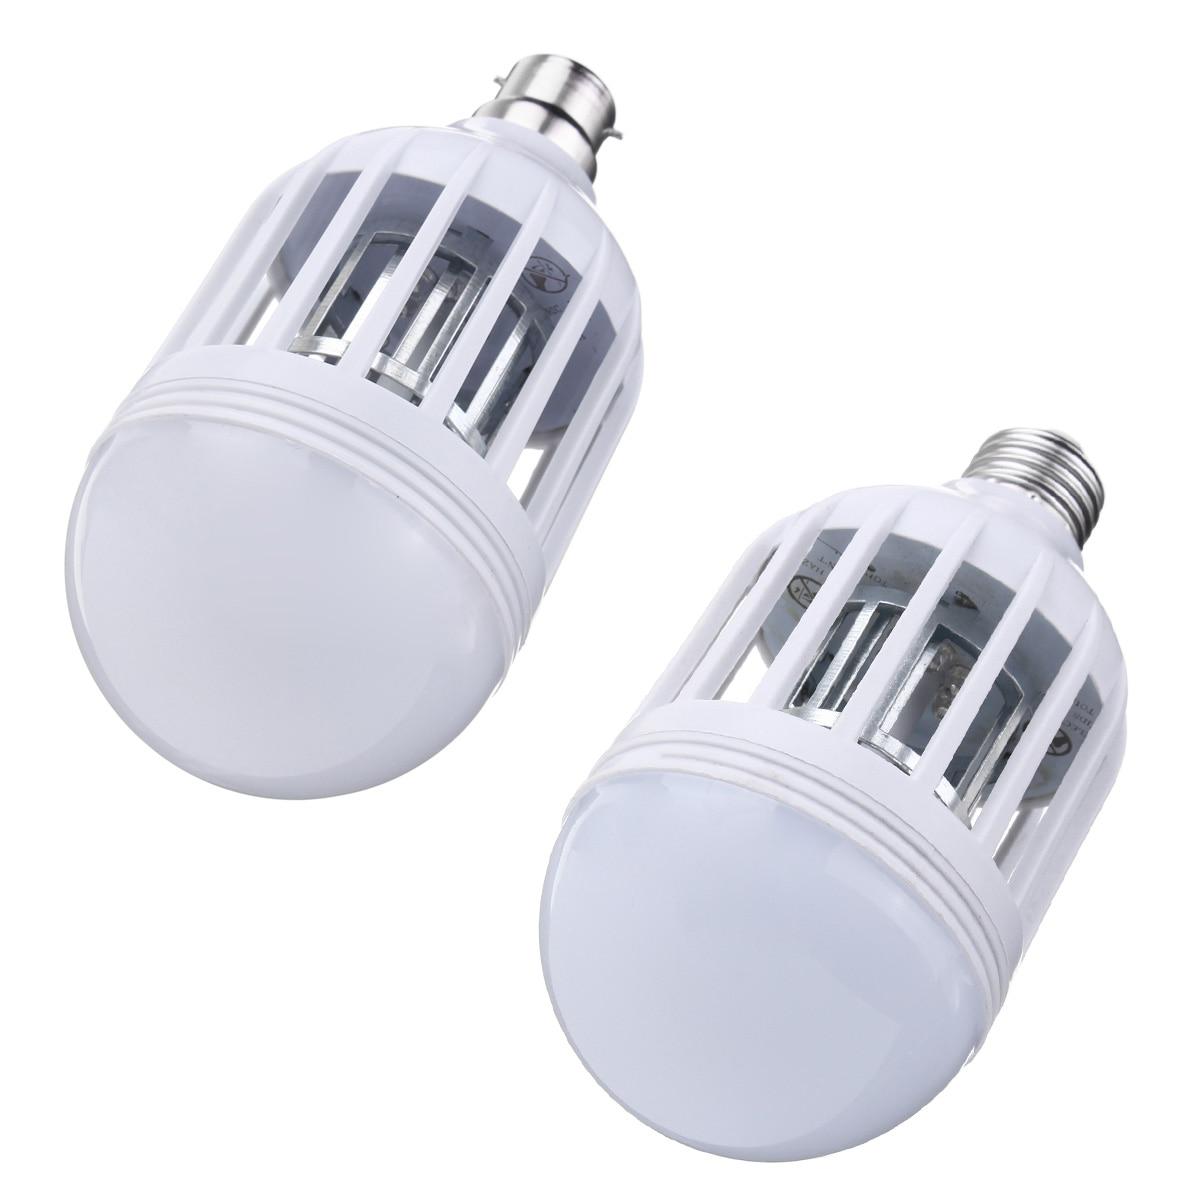 Lâmpadas Led e Tubos levou luz lâmpada 15 w Fluxo Luminoso : 1000-1999 Lumens